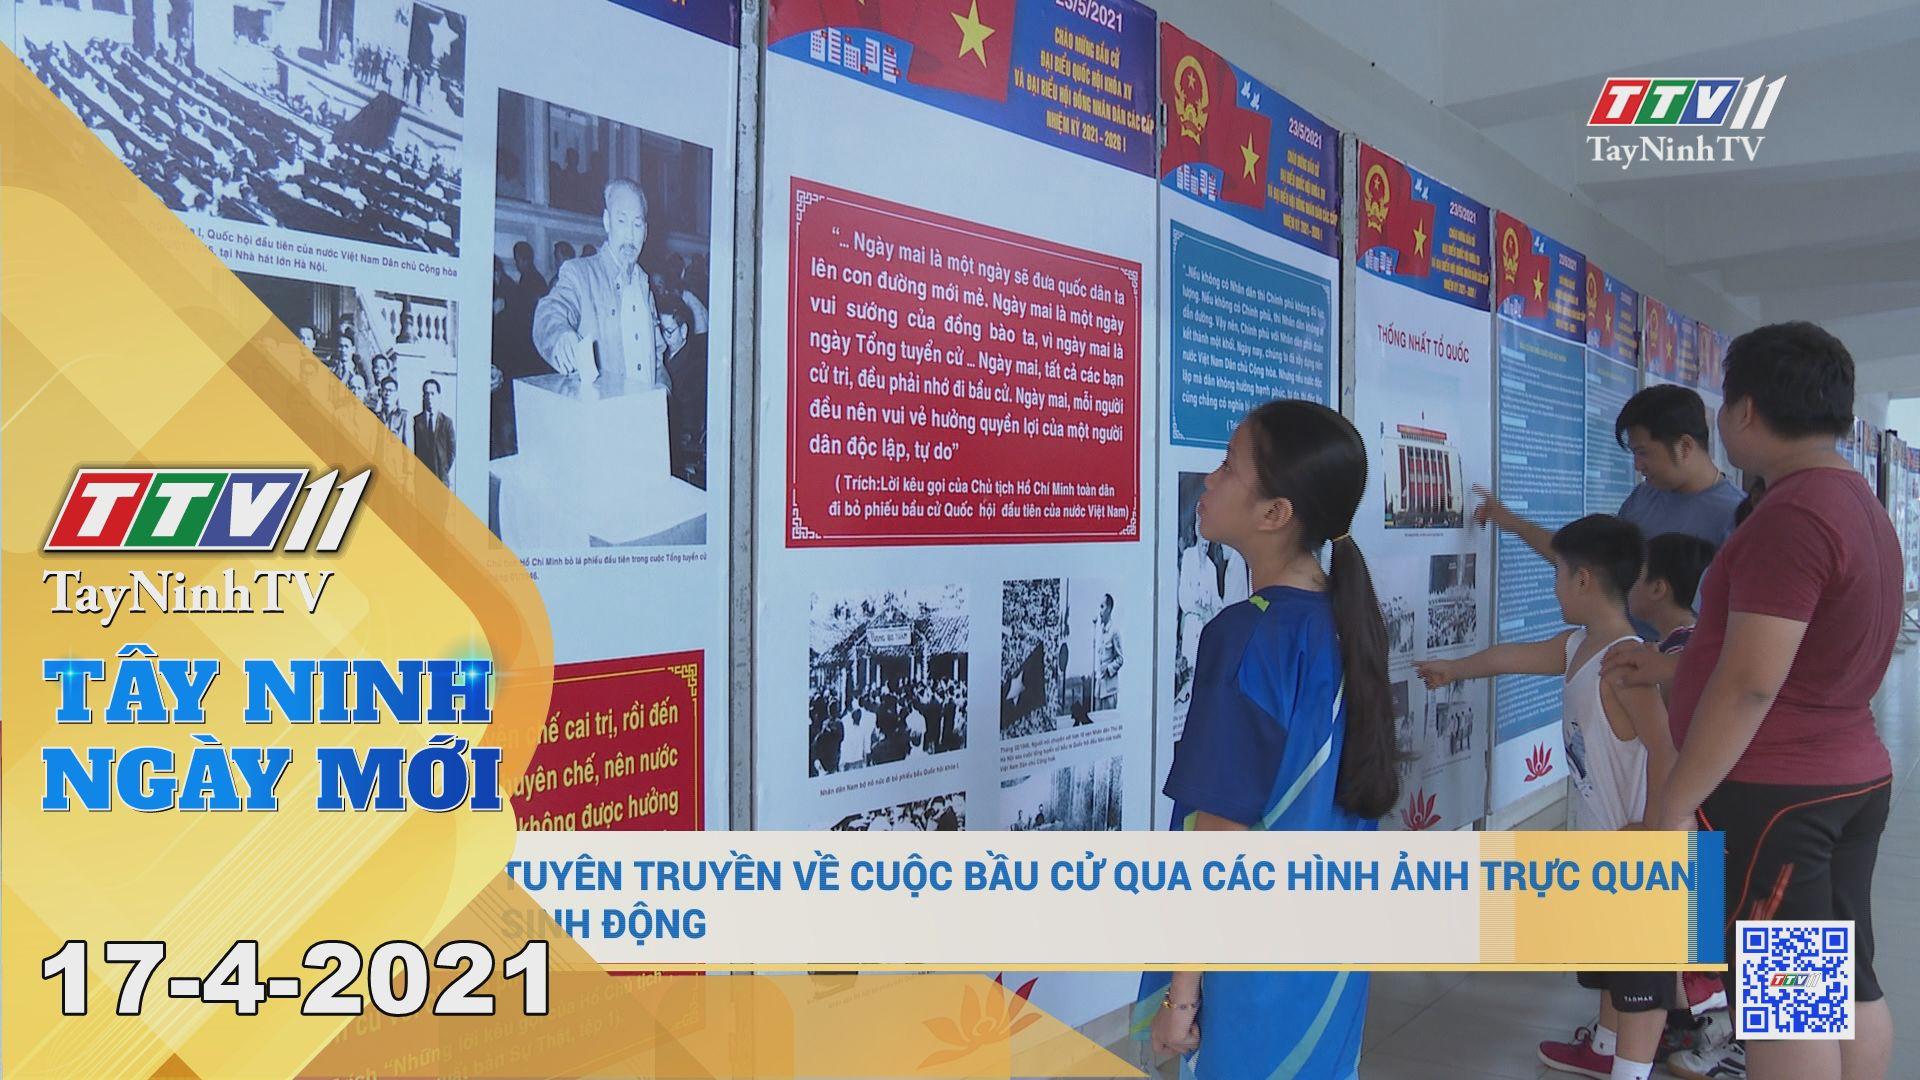 Tây Ninh Ngày Mới 17-4-2021 | Tin tức hôm nay | TayNinhTV